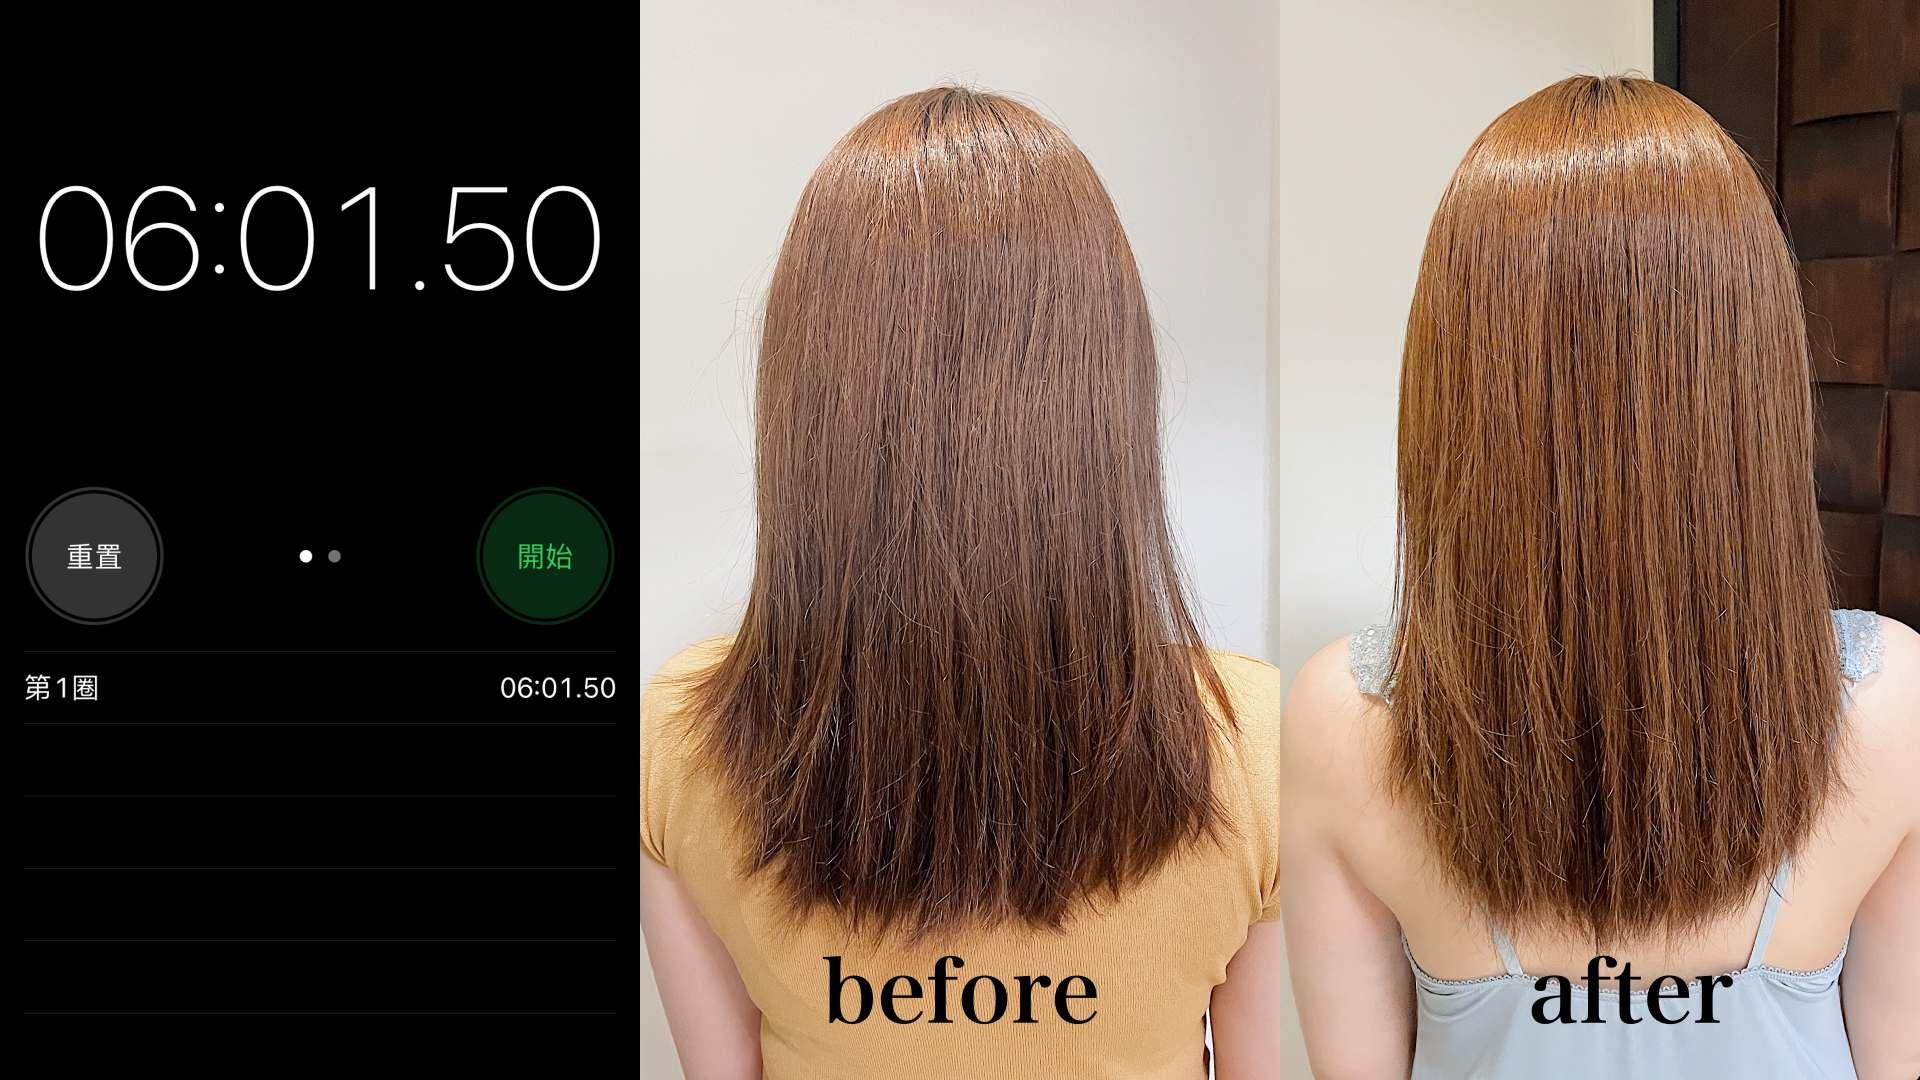 雖然吹髮時間較長,但是吹完後頭髮的光澤感很明顯!